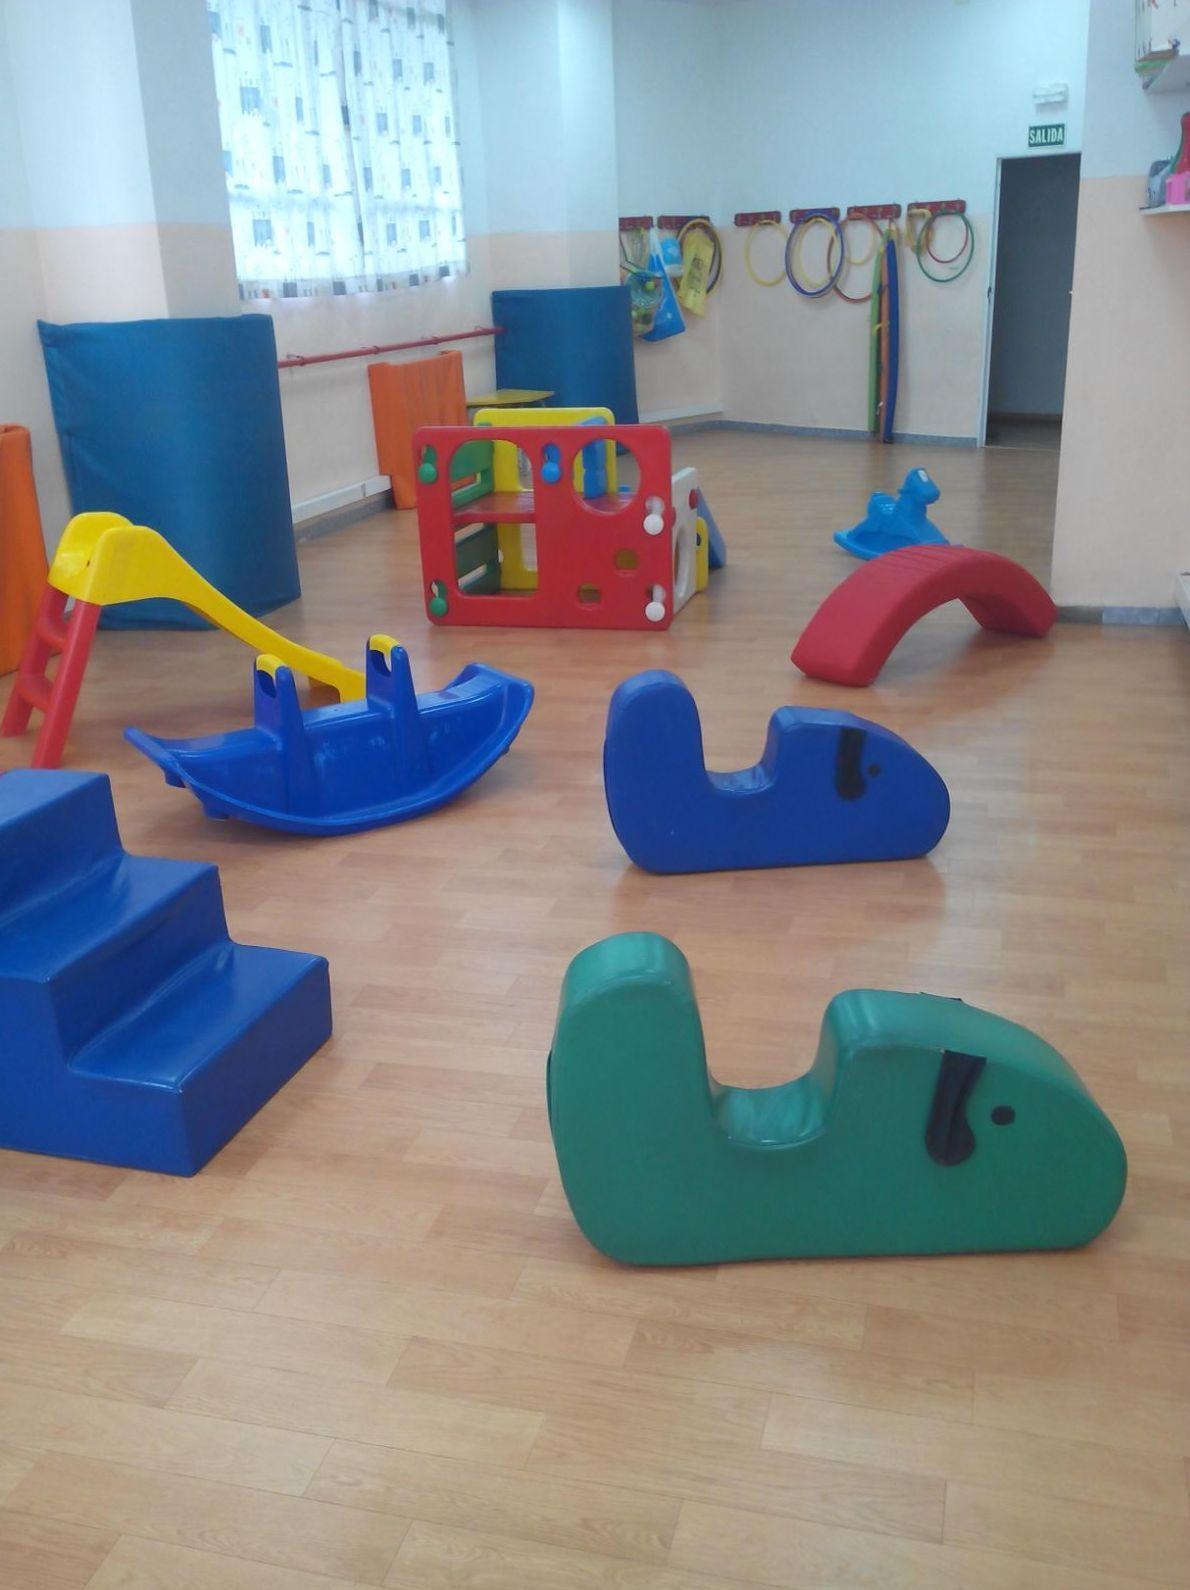 Foto 13 de Guarderías y Escuelas infantiles en Madrid | Santa Mónica - Garabatos